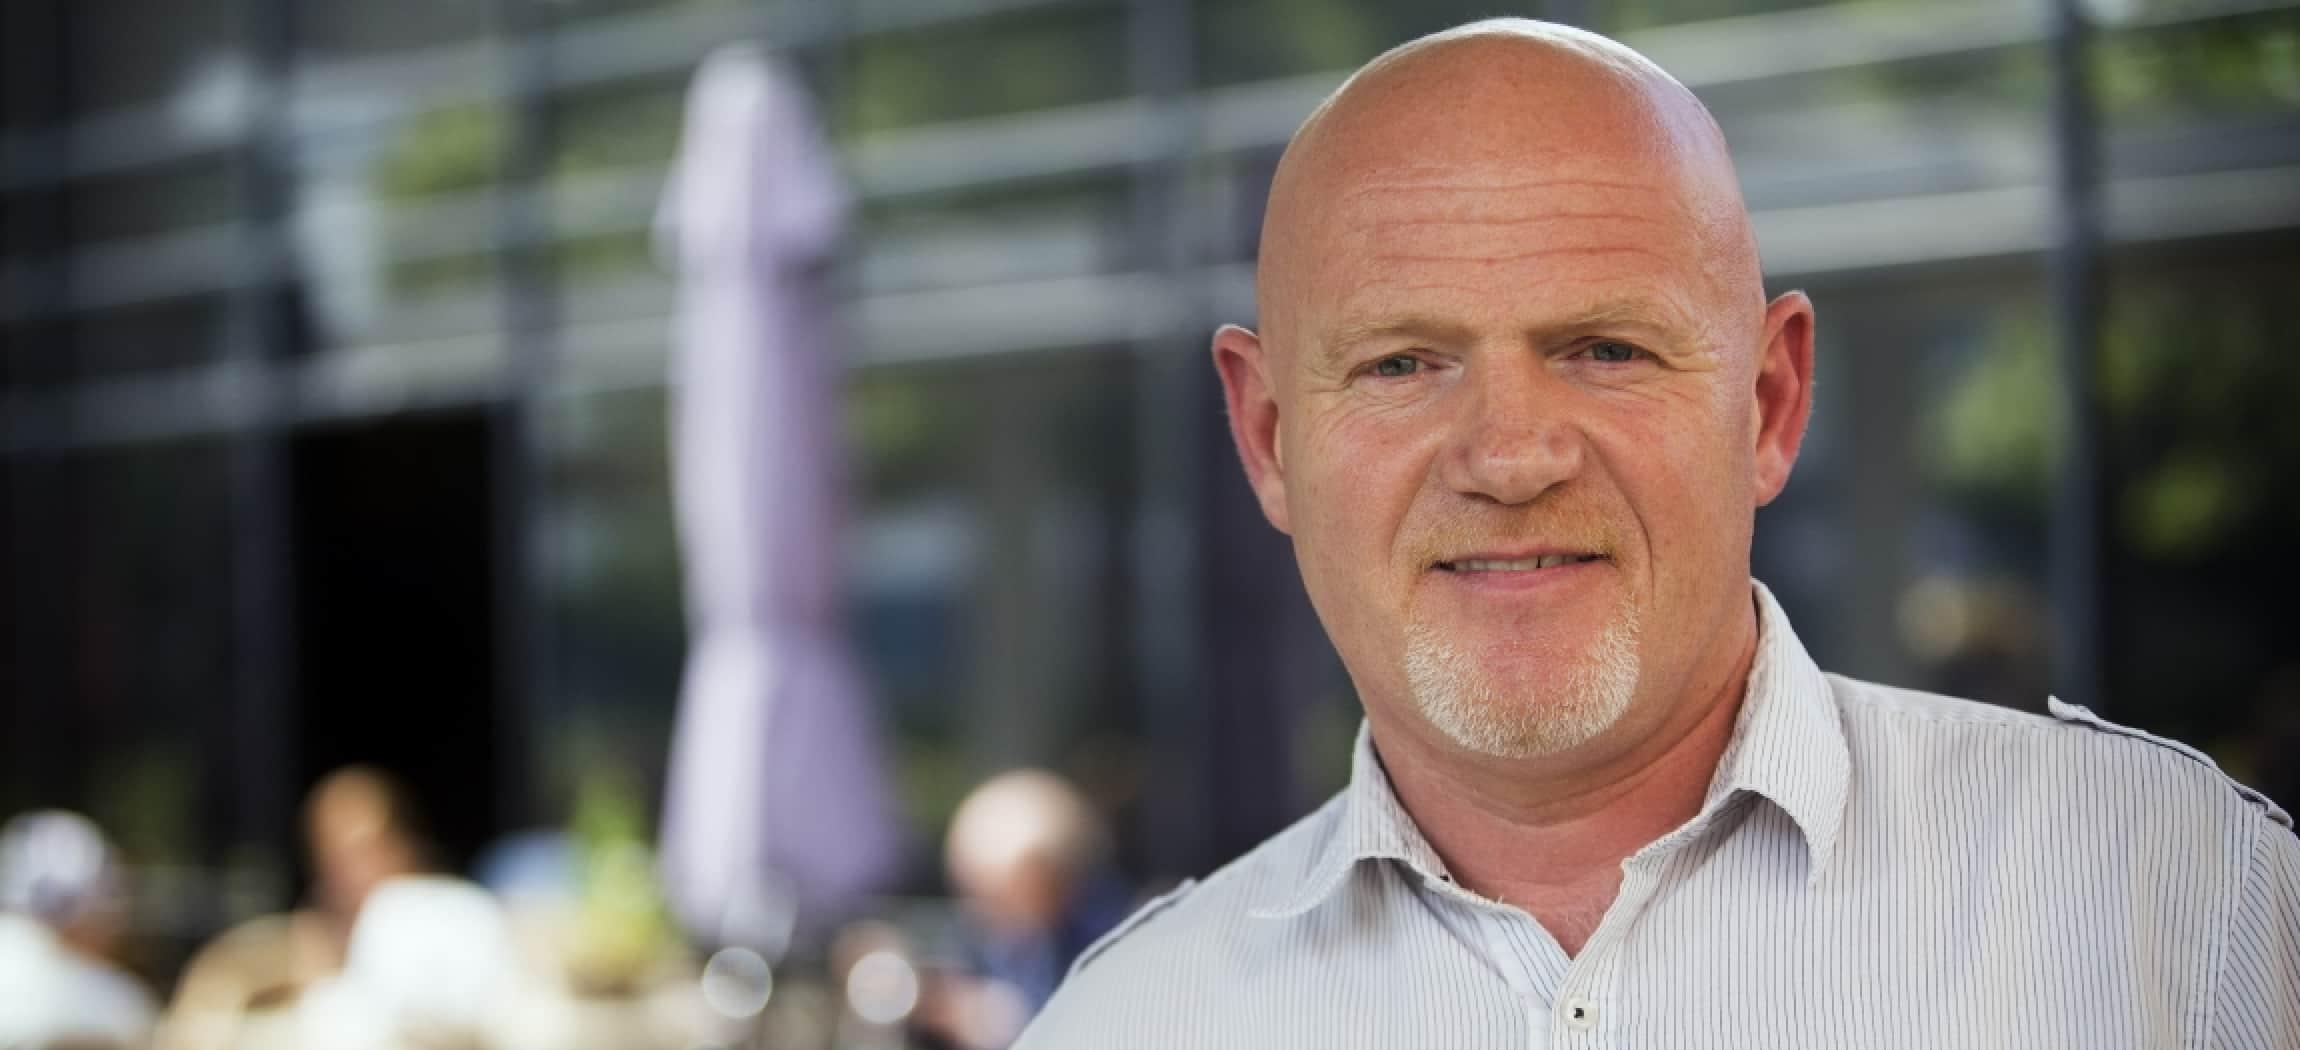 Wim Schoonderbeek stapte over van het vlees naar de zorg.